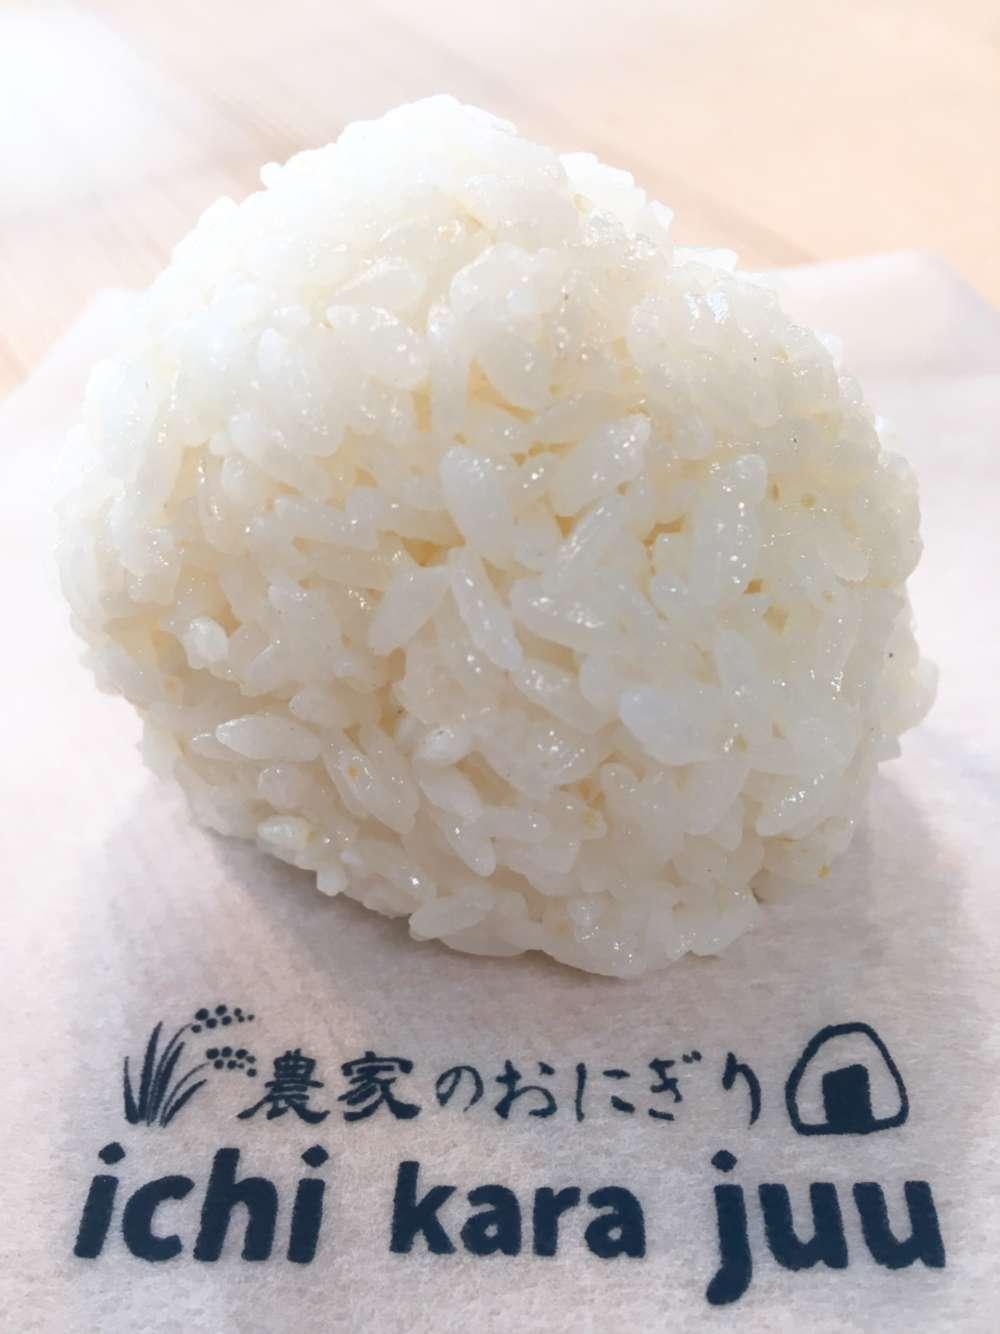 農家のおにぎり ichi kara juuのプロフィール写真